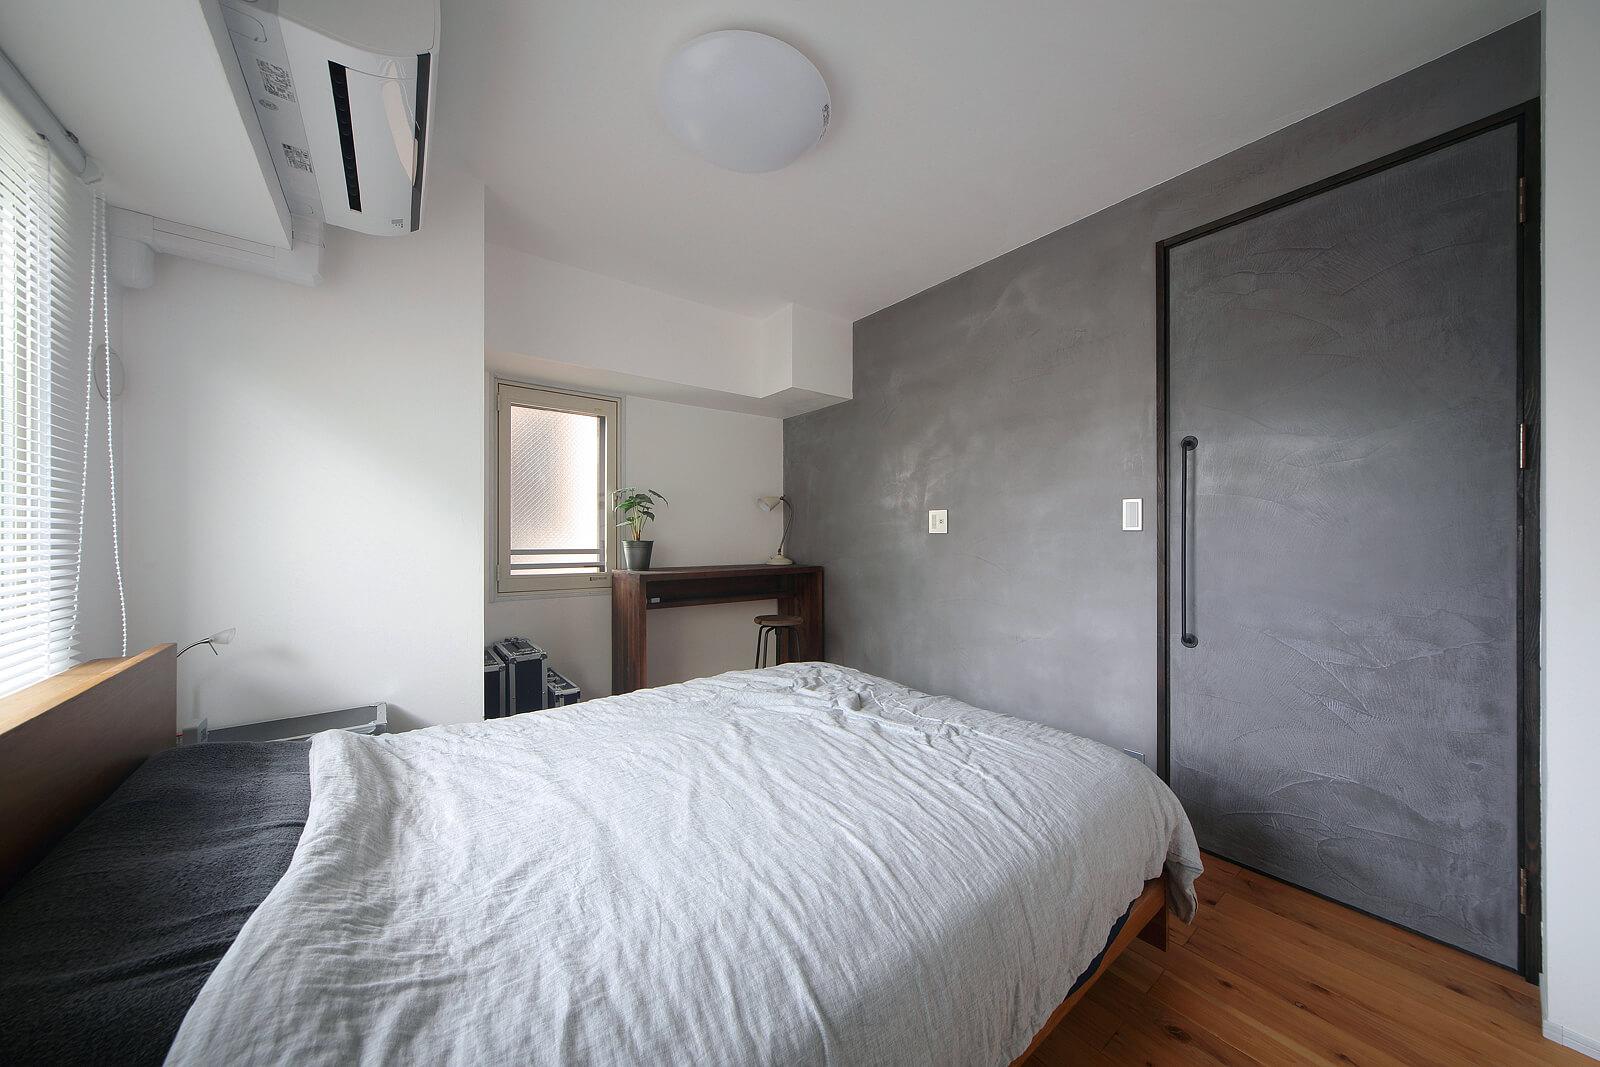 ベッドルームのグレーの壁には日本製のセメント系左官材を採用し、モルタルの風合いを生み出した